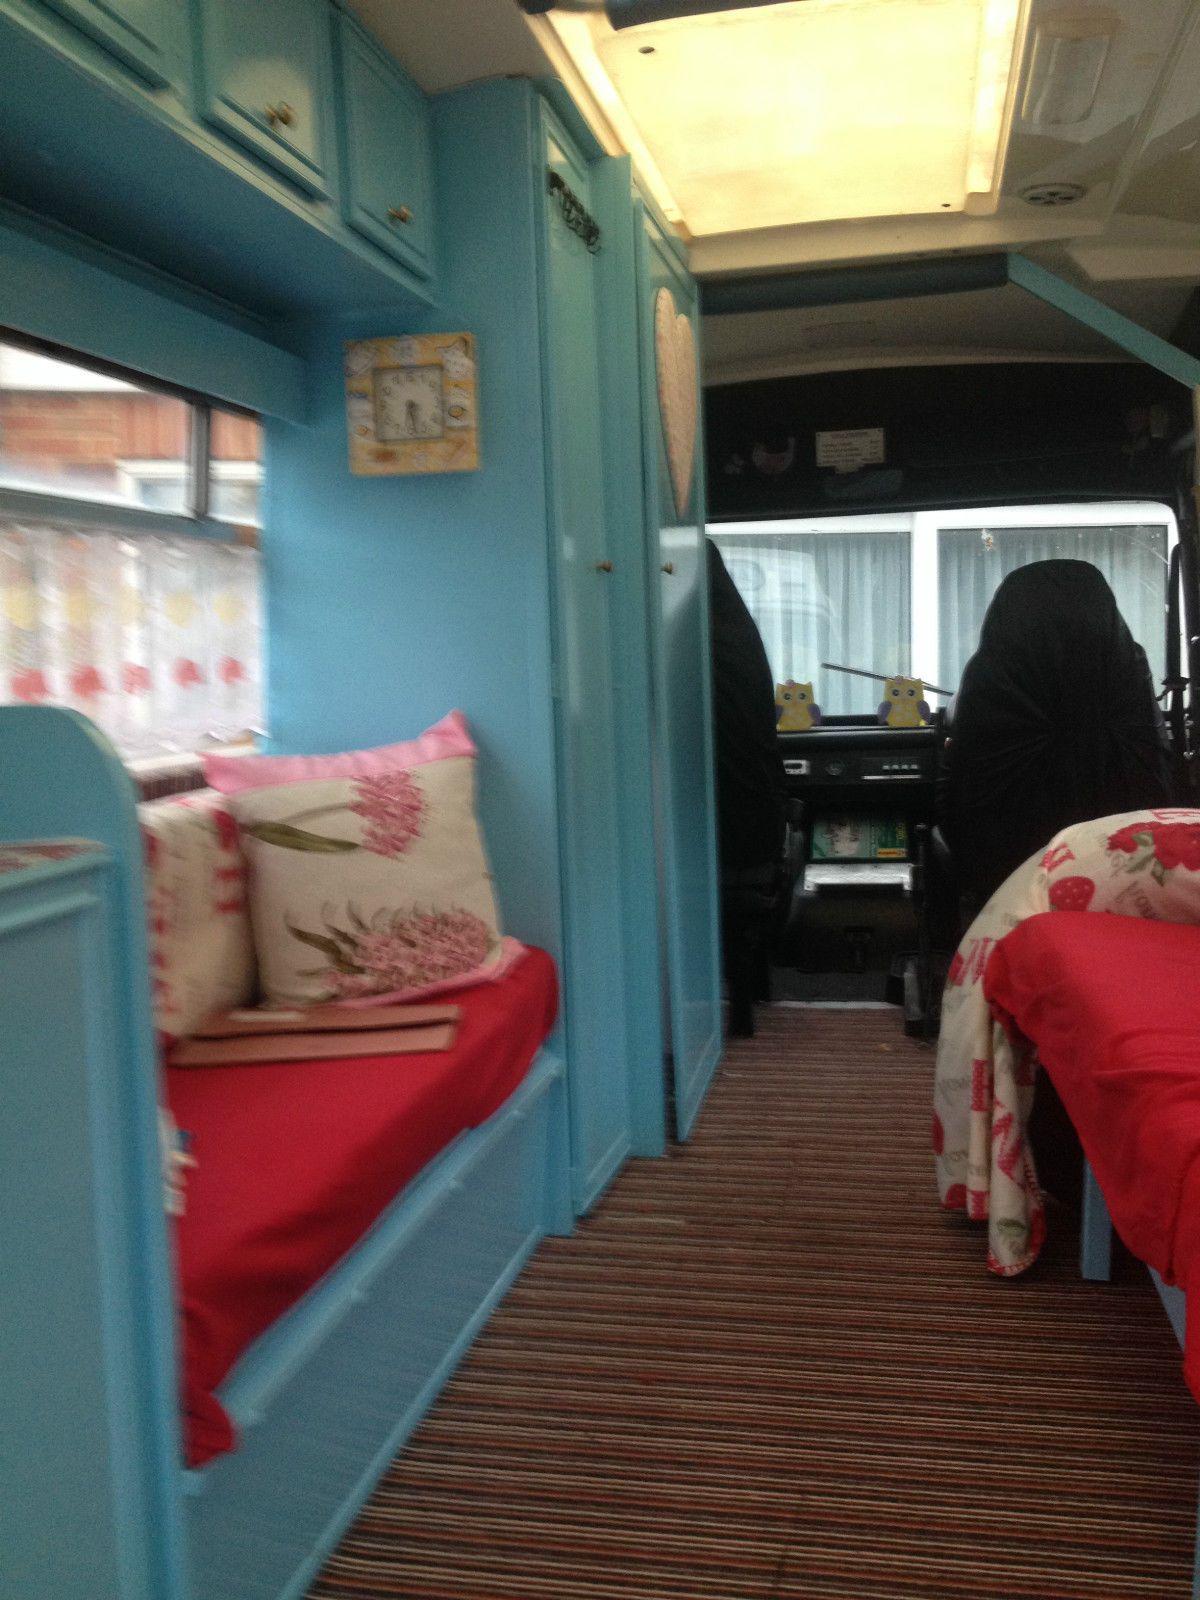 Renault Master Ambulance Campervan Conversion